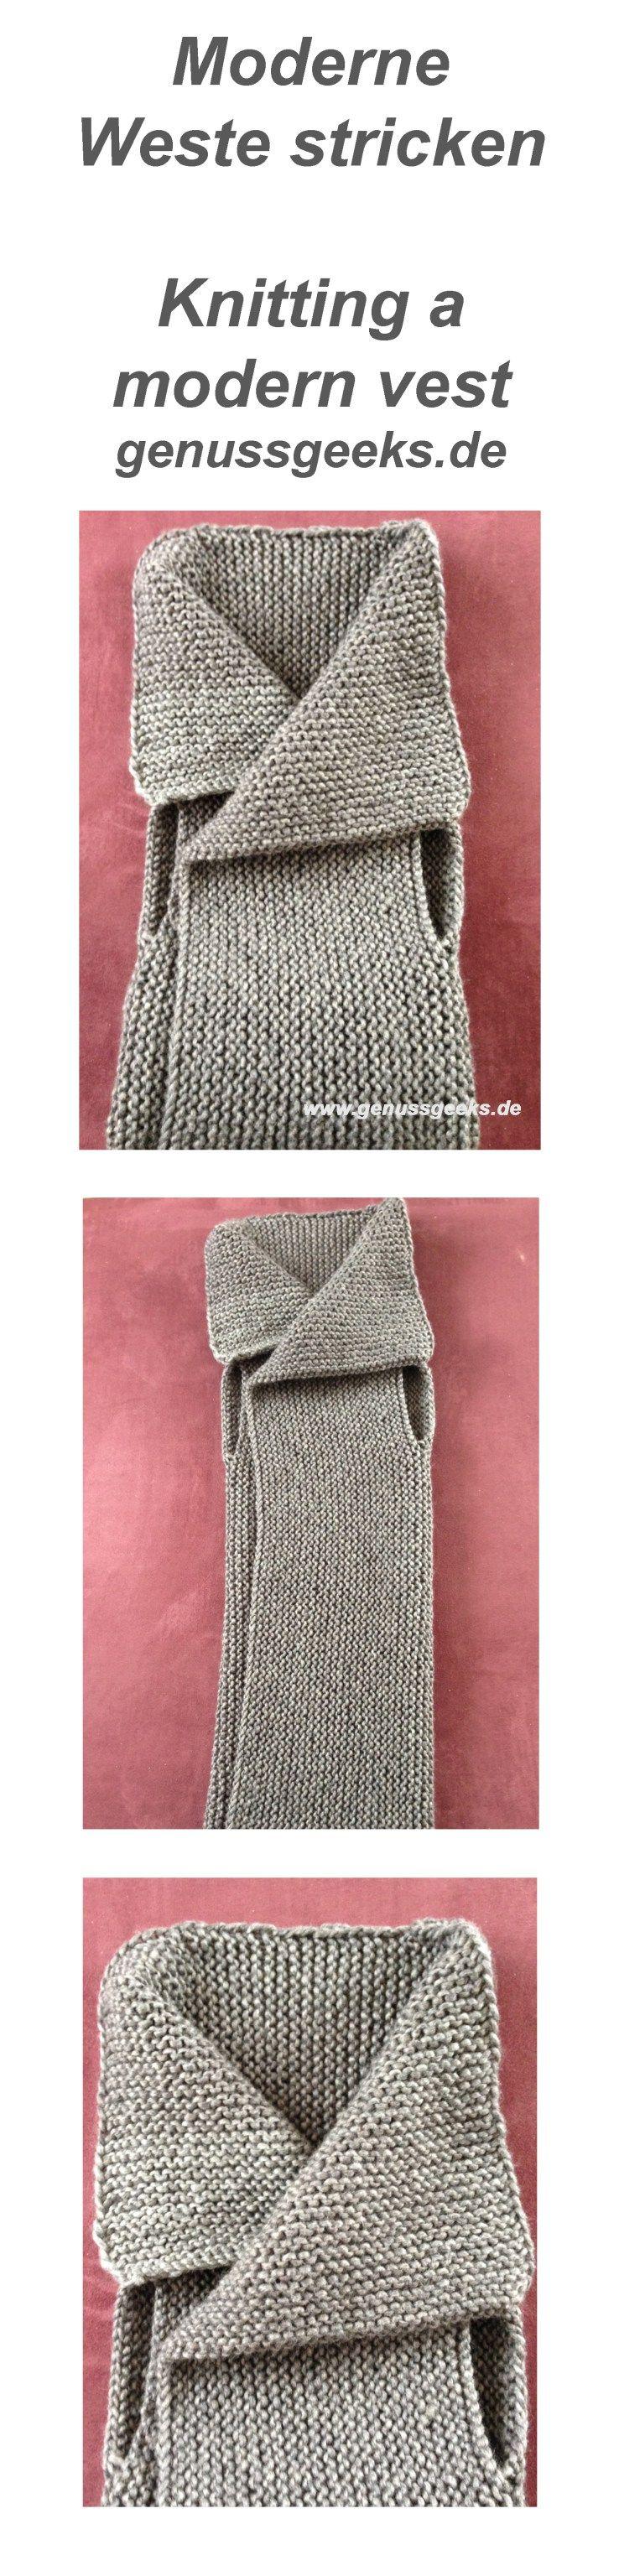 Crafting eine moderne weste stricken n hen weste stricken stricken und h keln - Moderne schals stricken ...